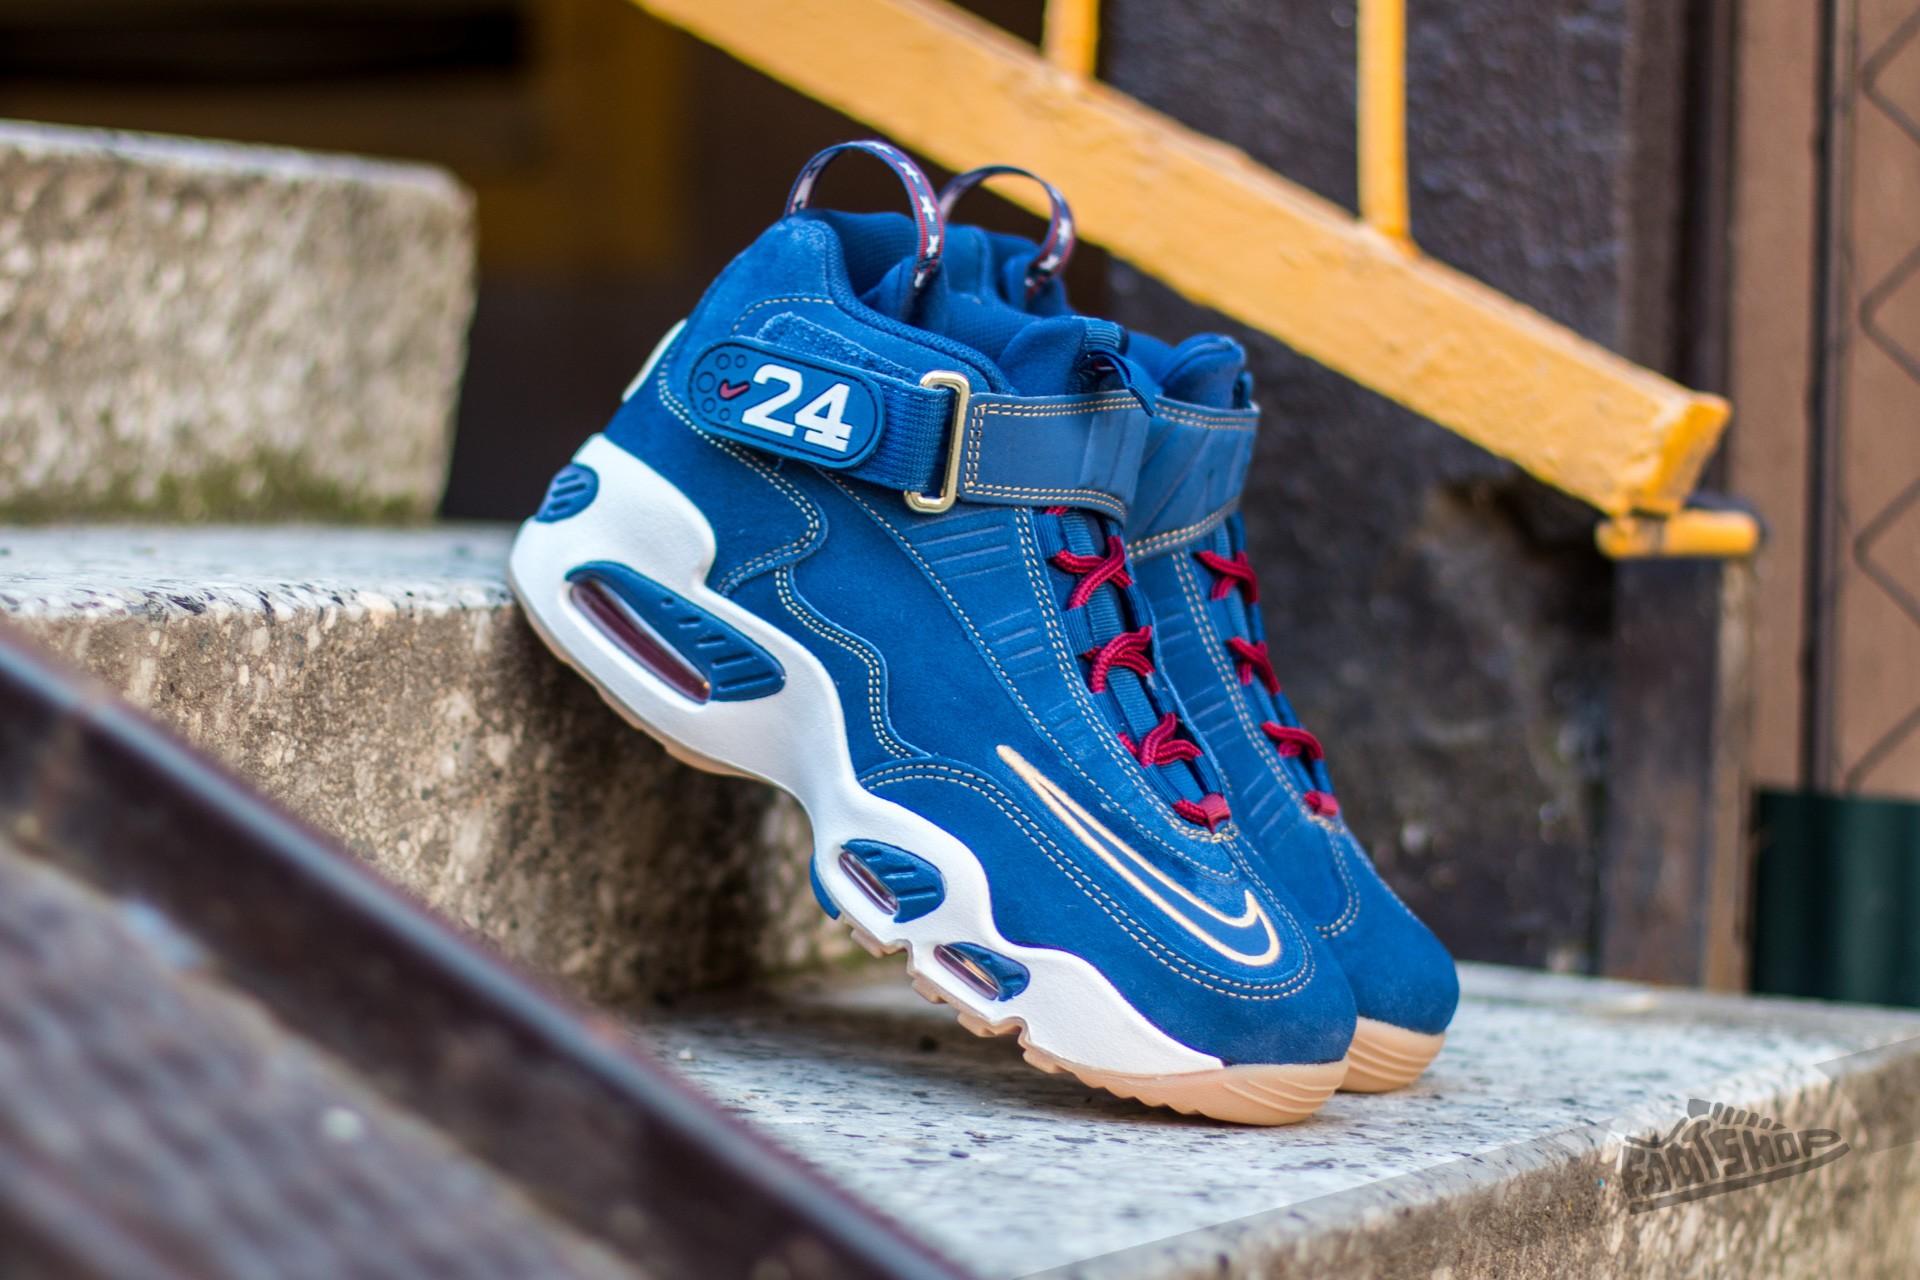 best sneakers 13a10 1d5a9 Nike Air Griffey Max 1 Prez QS